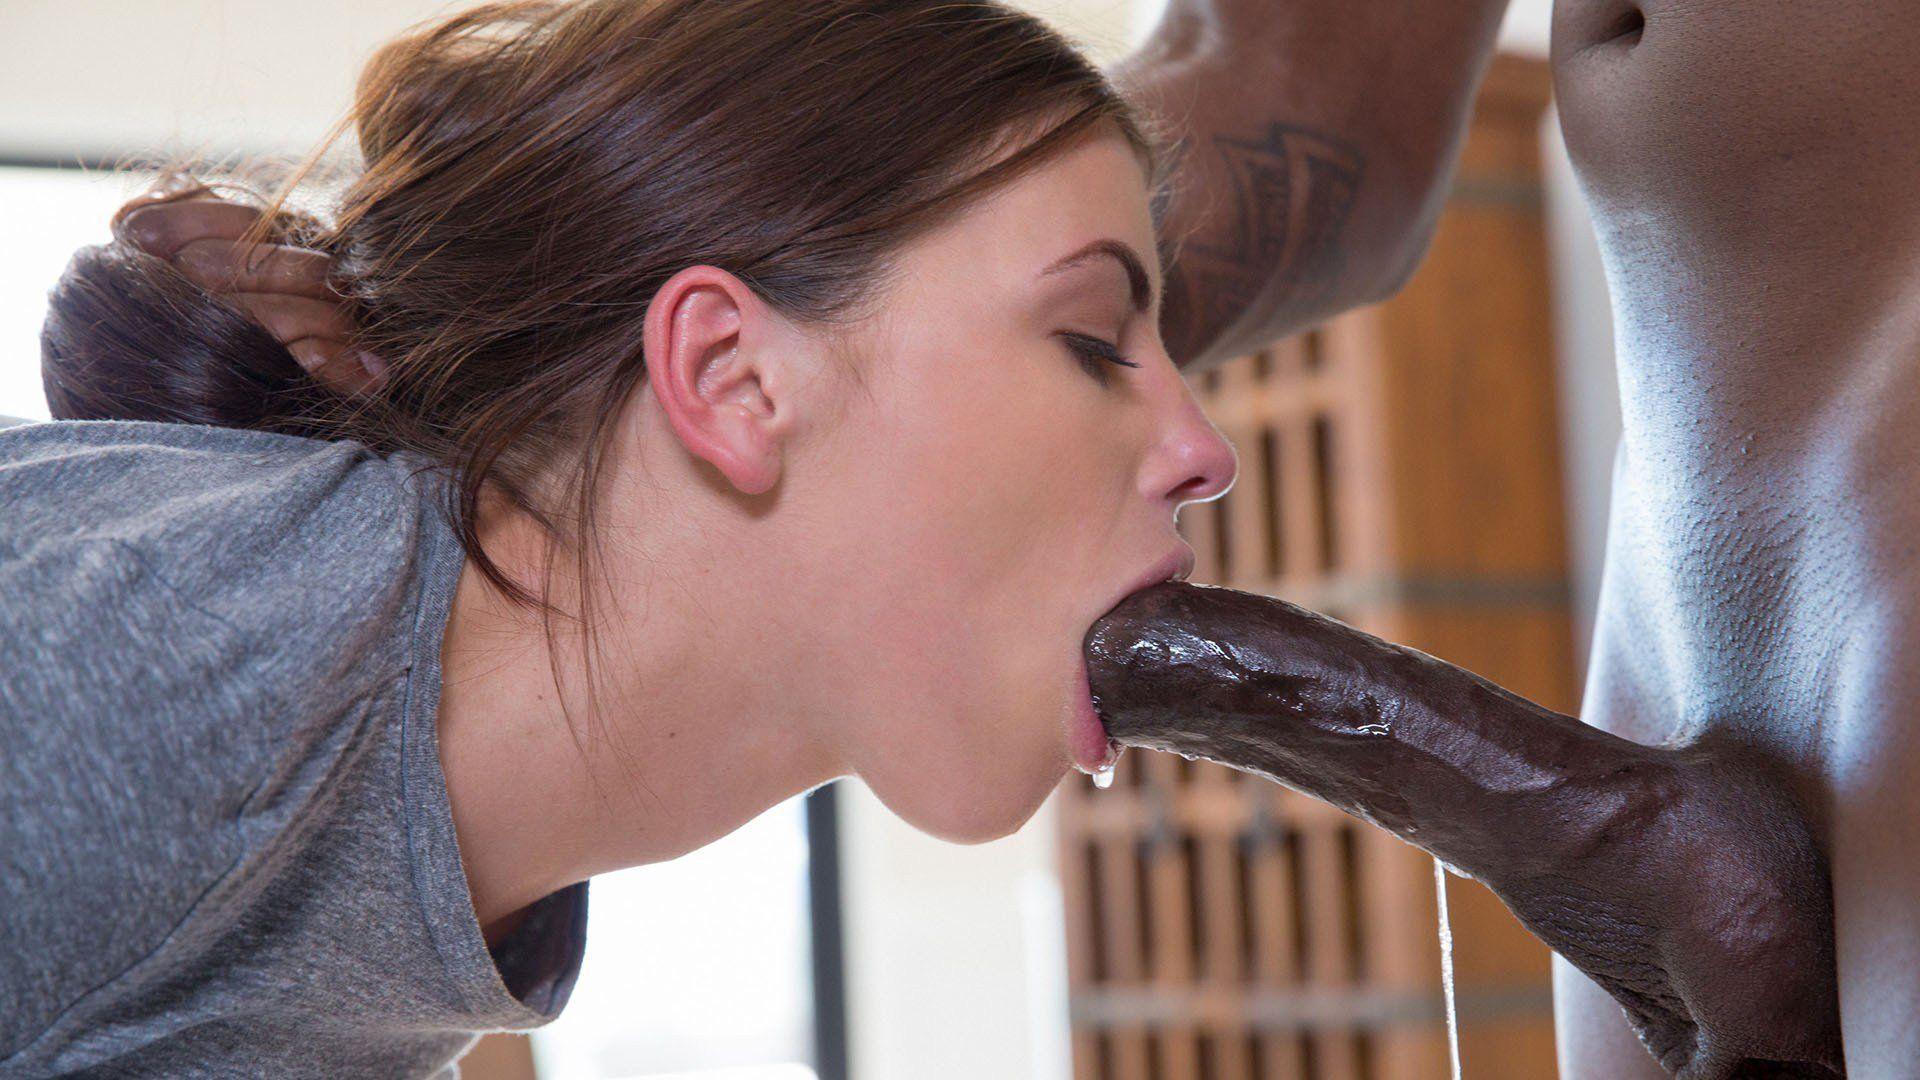 Celeste star pussy eating